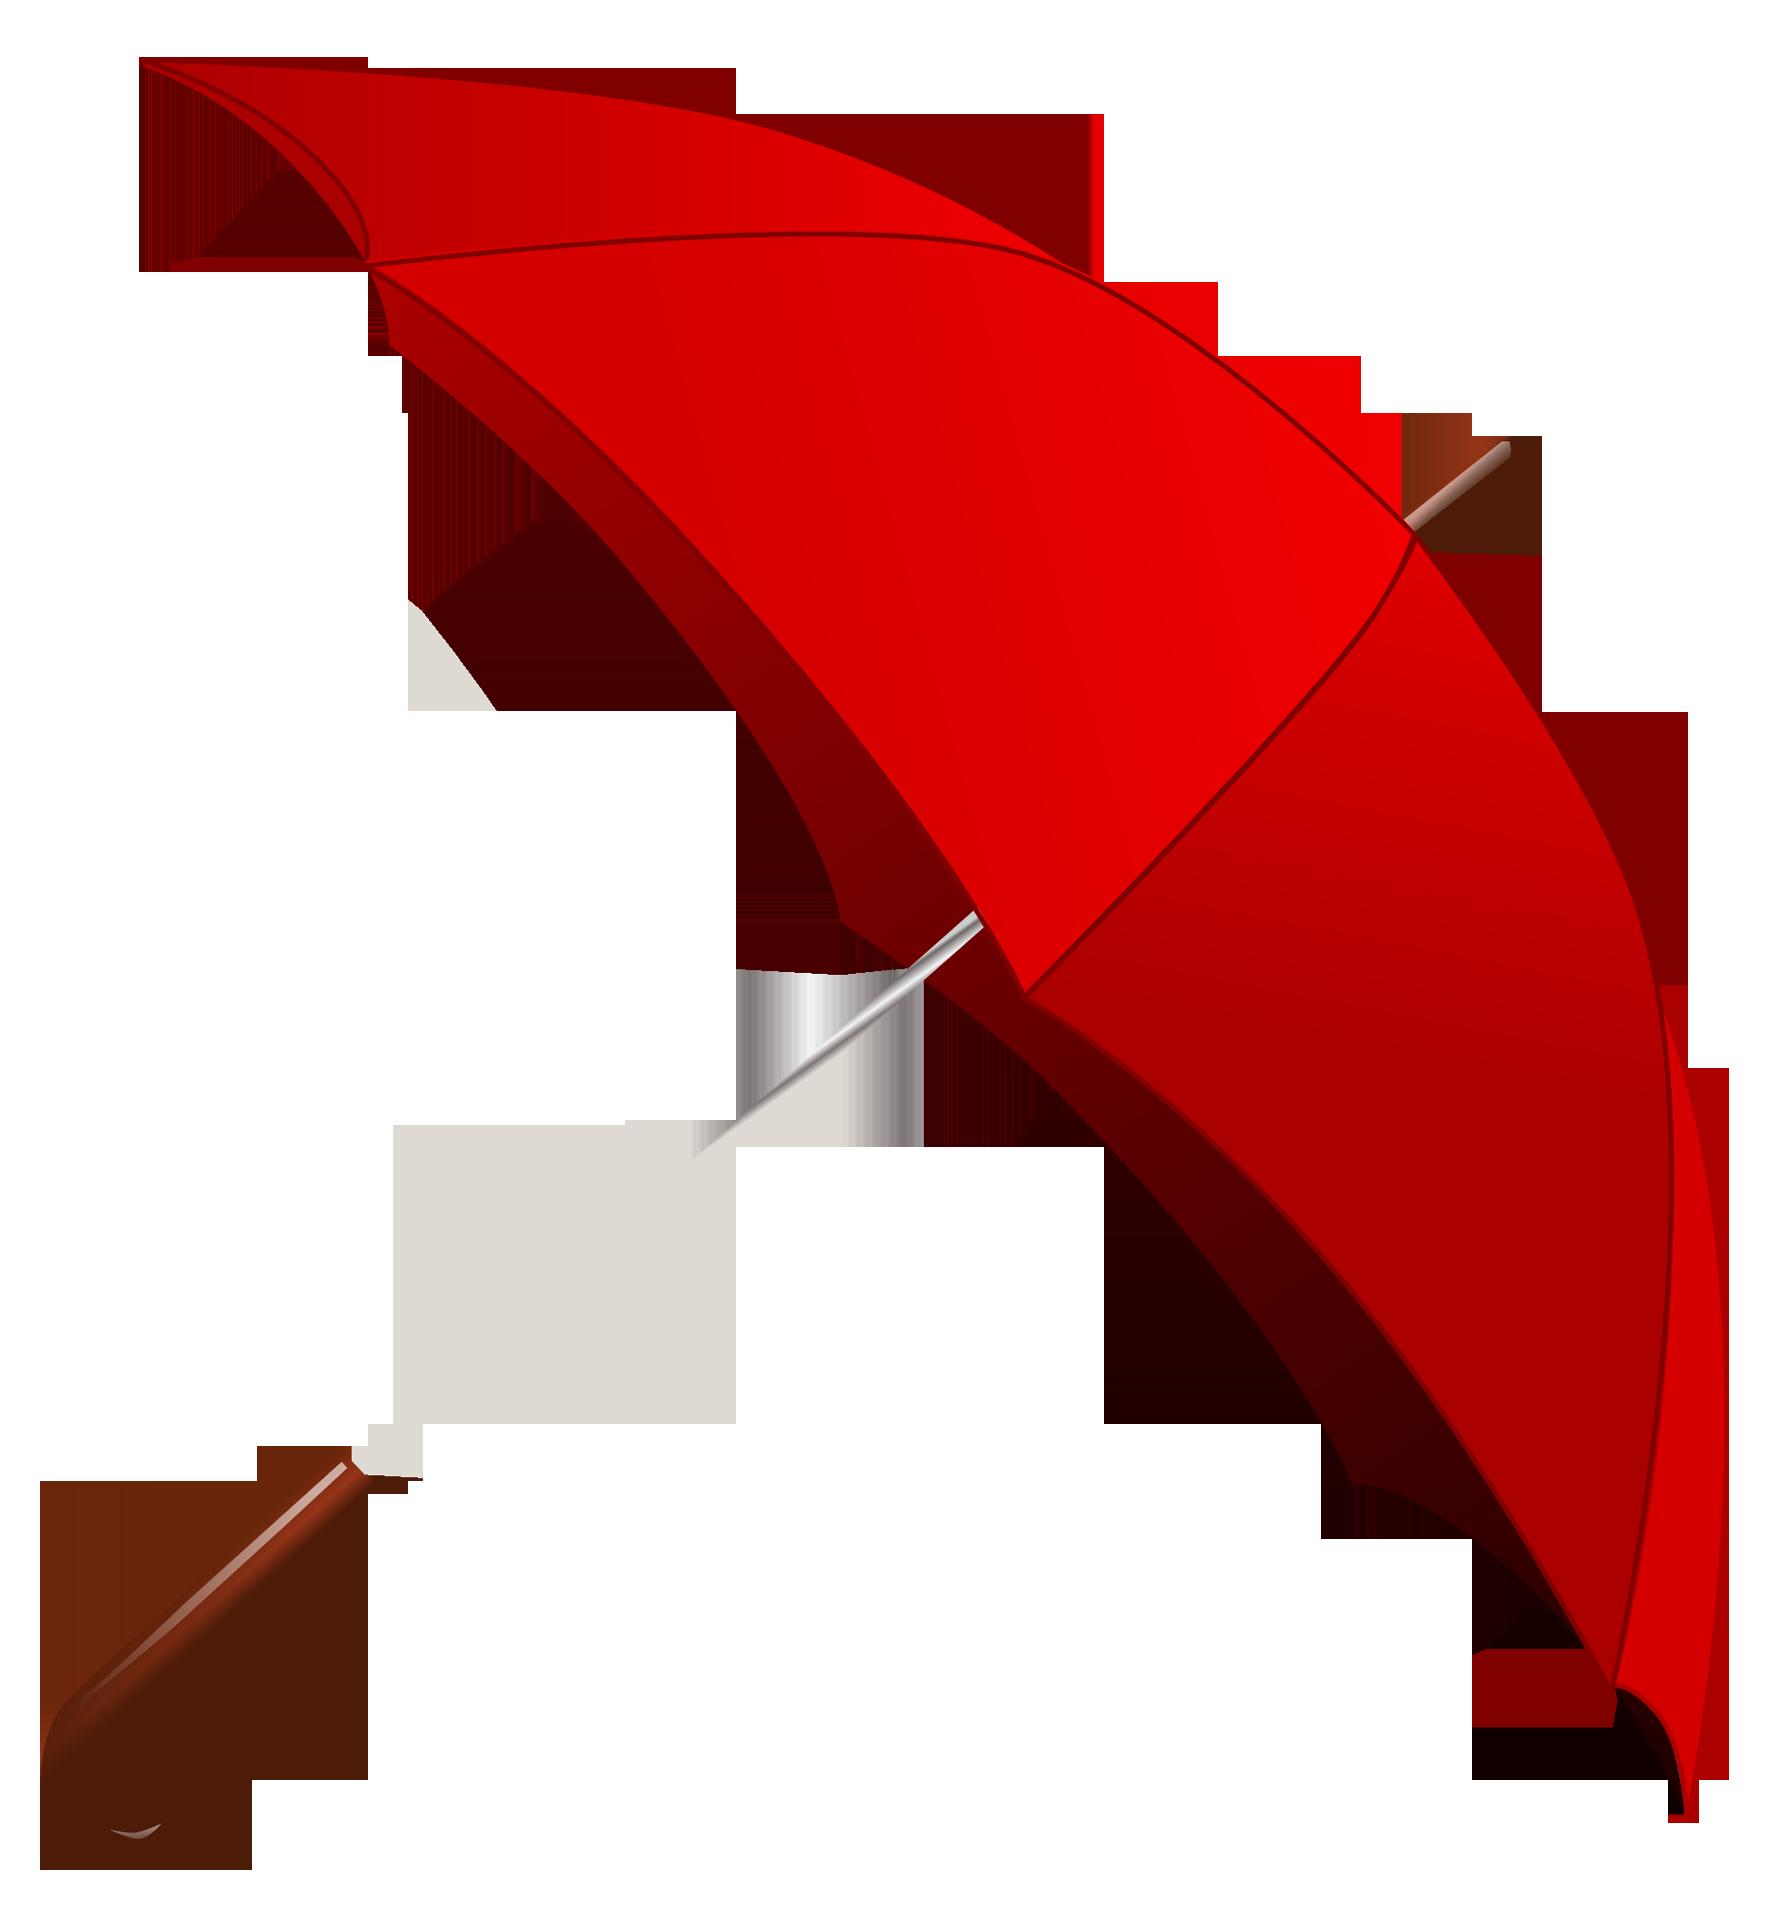 Png transparent image pngpix. Clipart umbrella vector